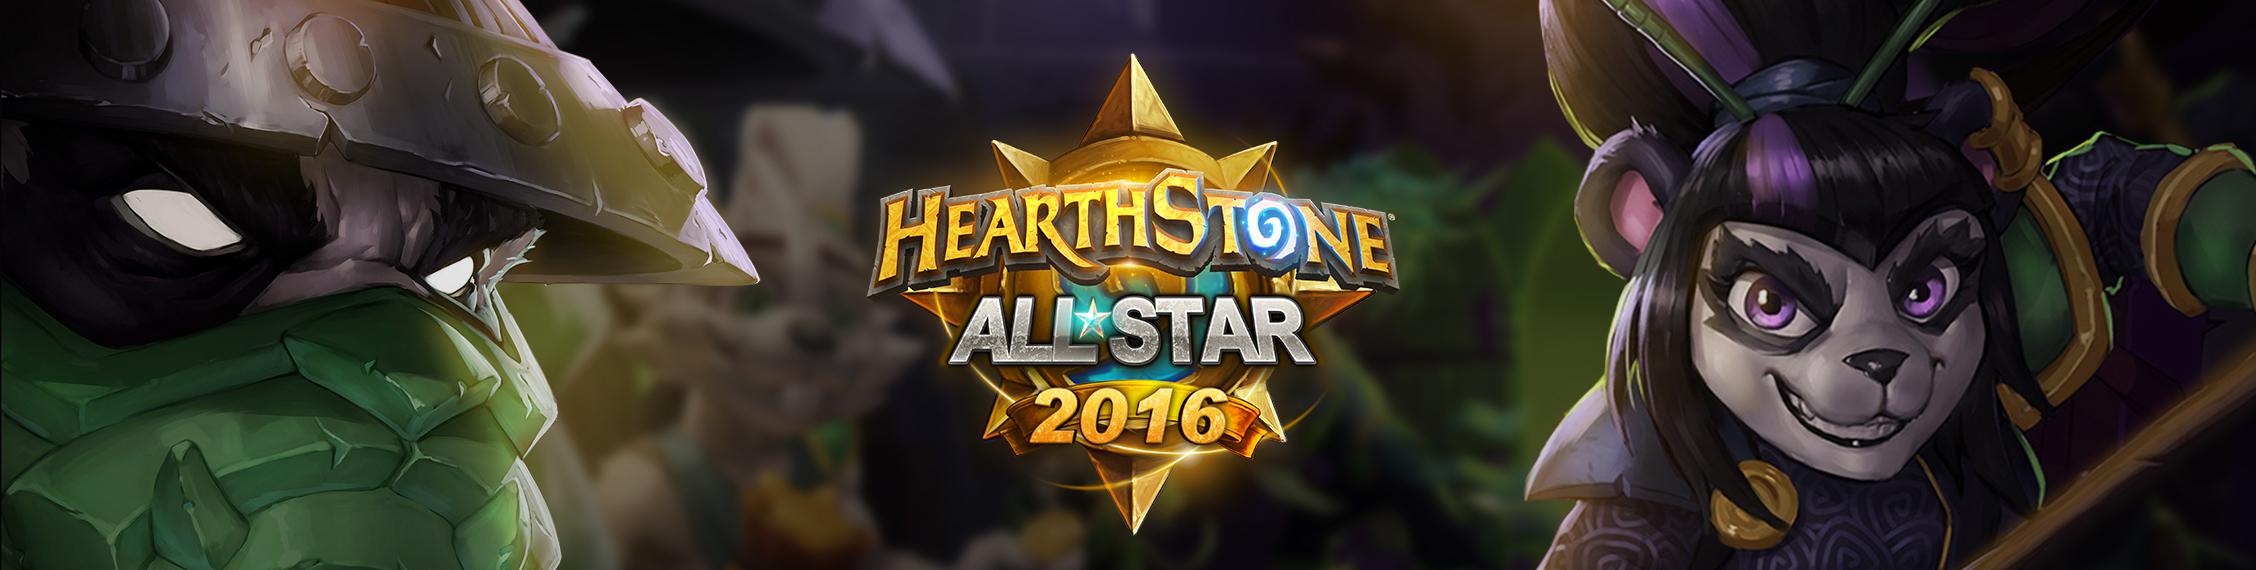 Hearthstone ALLSTAR 2016